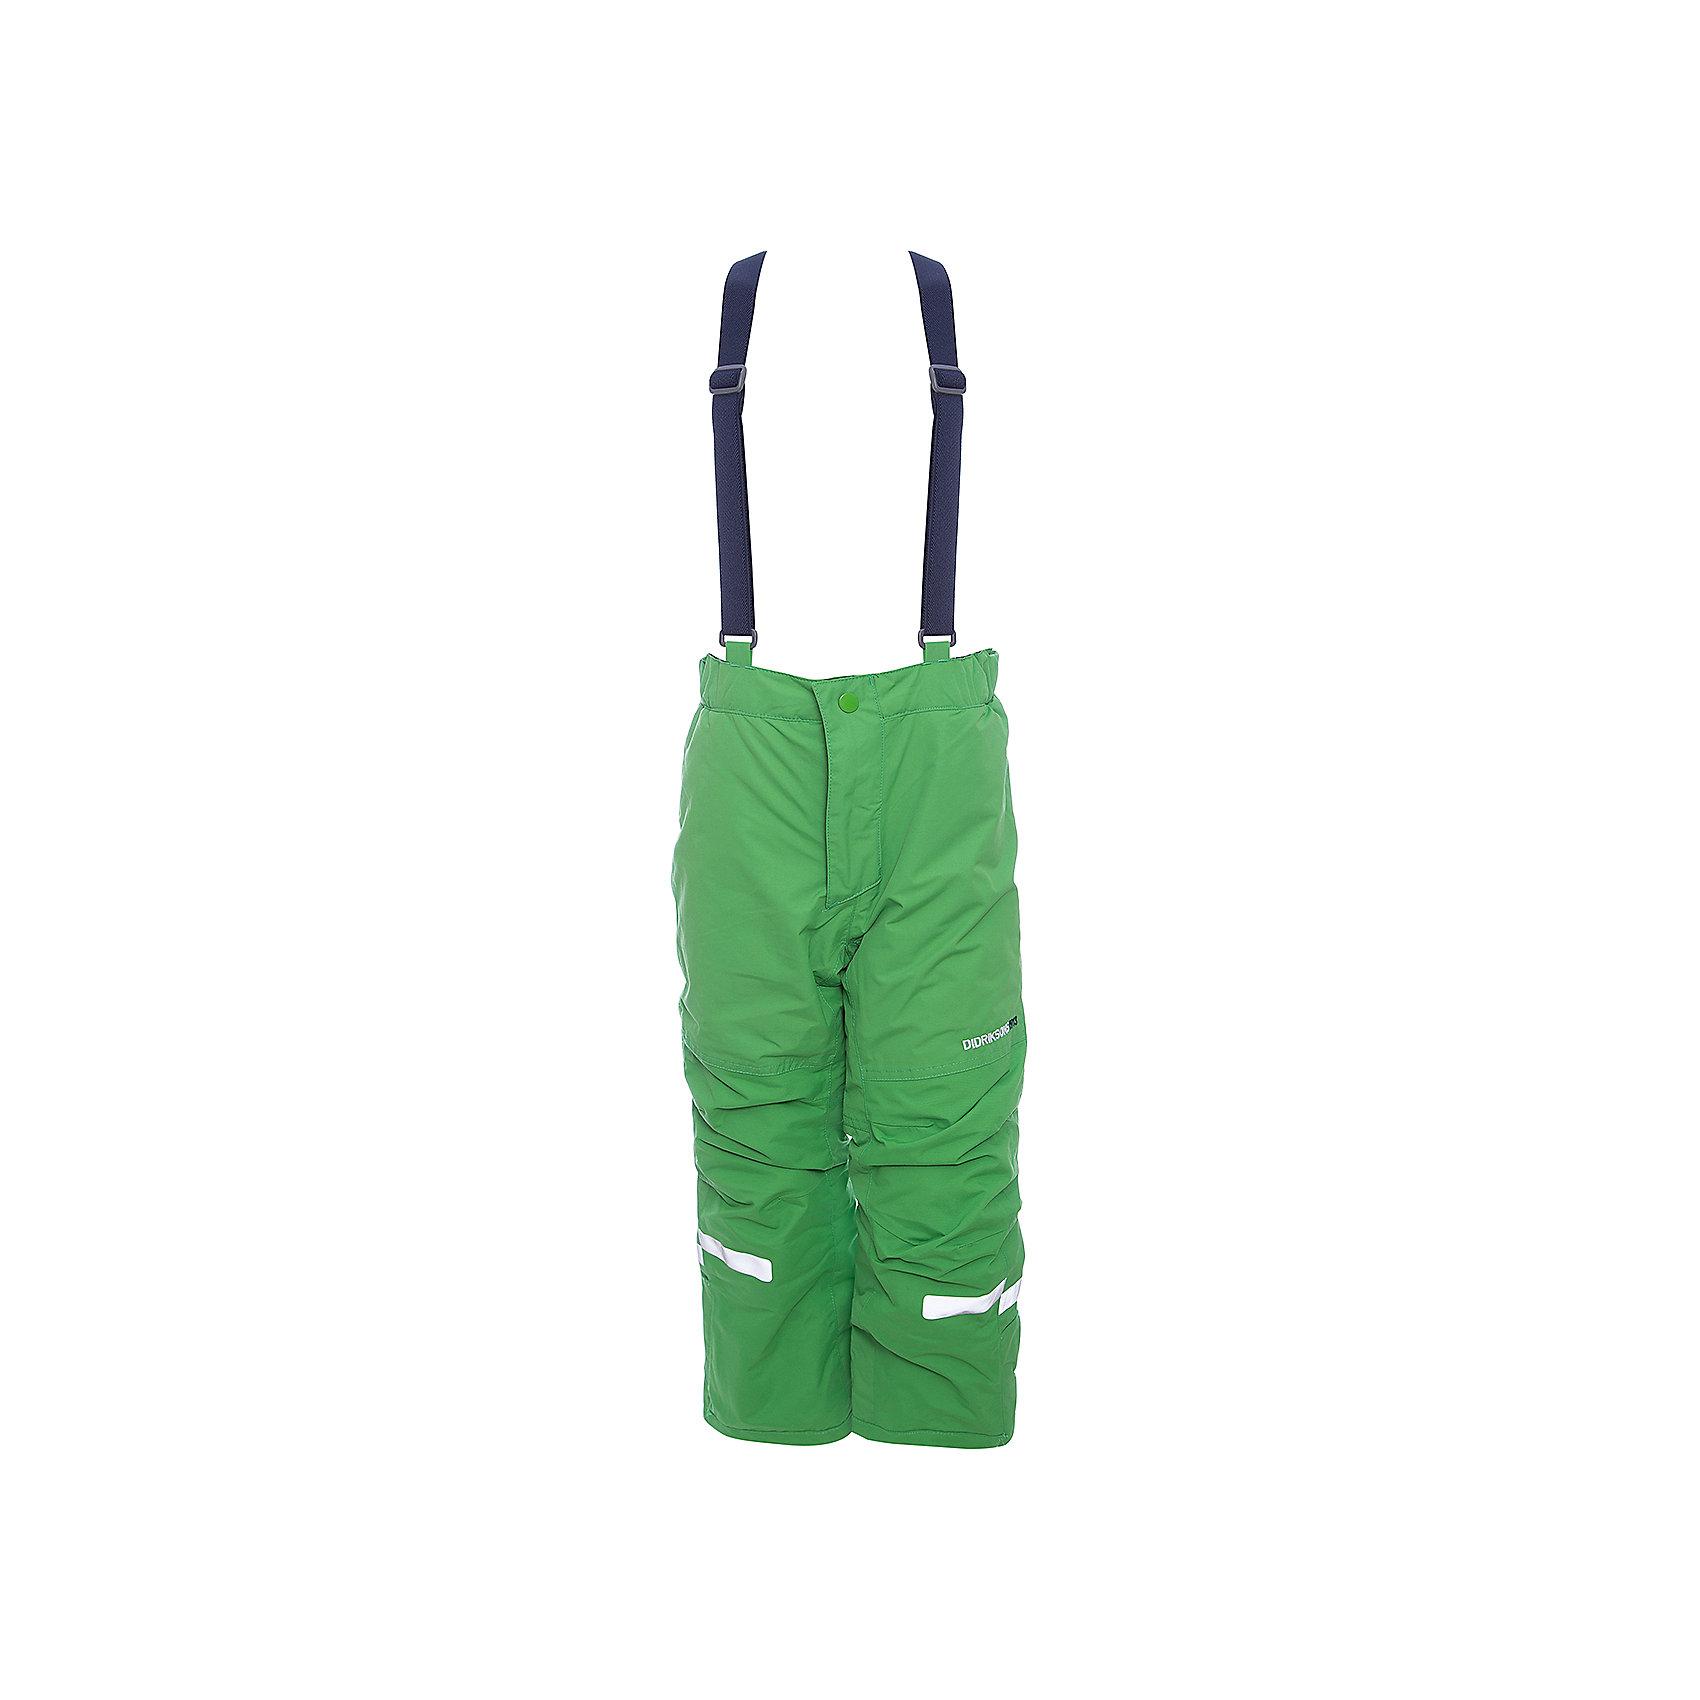 Брюки IDRE DIDRIKSONSВерхняя одежда<br>Характеристики товара:<br><br>• цвет: зеленый<br>• состав ткани: 100% полиамид<br>• подкладка: 100% полиэстер<br>• утеплитель: 100% полиэстер<br>• сезон: зима<br>• мембранная<br>• температурный режим: от -20 до 0<br>• водонепроницаемость: 6000 мм <br>• паропроницаемость: 4000 г/м2<br>• плотность утеплителя: 140г/м2<br>• швы проклеены<br>• регулируемые подтяжки и низ штанин<br>• фиксированные лямки<br>• снежные гетры с силиконовой резинкой<br>• штрипки<br>• застежка: молния<br>• светоотражающие детали<br>• конструкция позволяет увеличить длину штанин на один размер<br>• страна бренда: Швеция<br>• страна изготовитель: Китай<br><br>Оригинальные теплые брюки для ребенка Didriksons дополнены удобными подтяжками. Непромокаемый и непродуваемый материал детских брюк легко чистится. Детские брюки от известного шведского бренда теплые и легкие. Мембранные зимние брюки для ребенка отличаются продуманным дизайном. <br><br>Брюки Idre Didriksons (Дидриксонс) можно купить в нашем интернет-магазине.<br><br>Ширина мм: 215<br>Глубина мм: 88<br>Высота мм: 191<br>Вес г: 336<br>Цвет: зеленый<br>Возраст от месяцев: 108<br>Возраст до месяцев: 120<br>Пол: Унисекс<br>Возраст: Детский<br>Размер: 140,80,90,100,110,120,130<br>SKU: 7045244